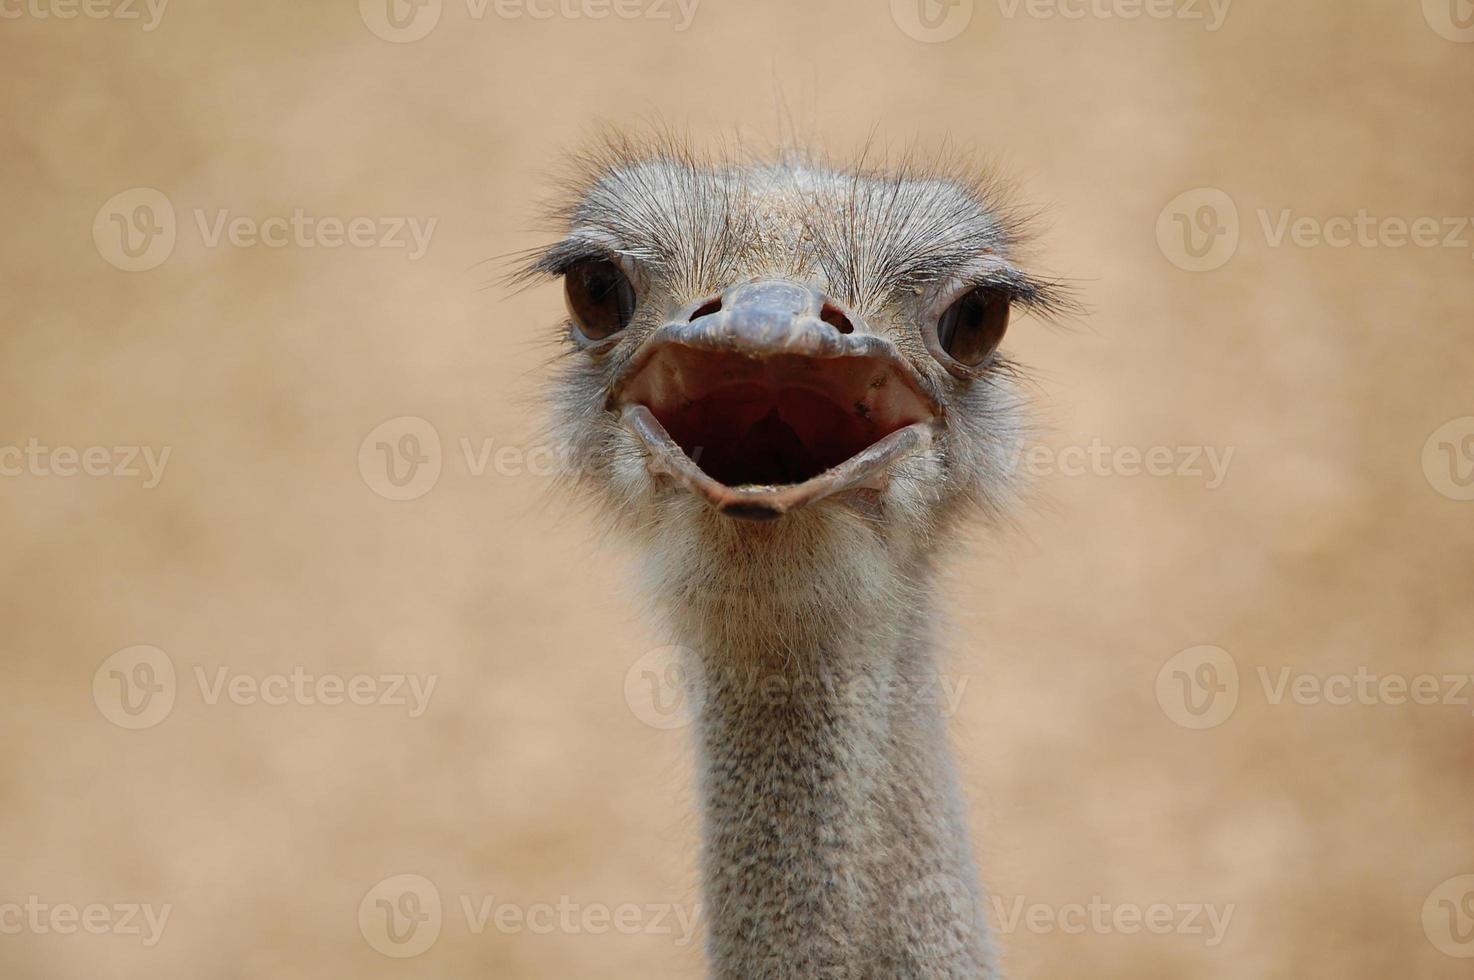 confronto de avestruz foto